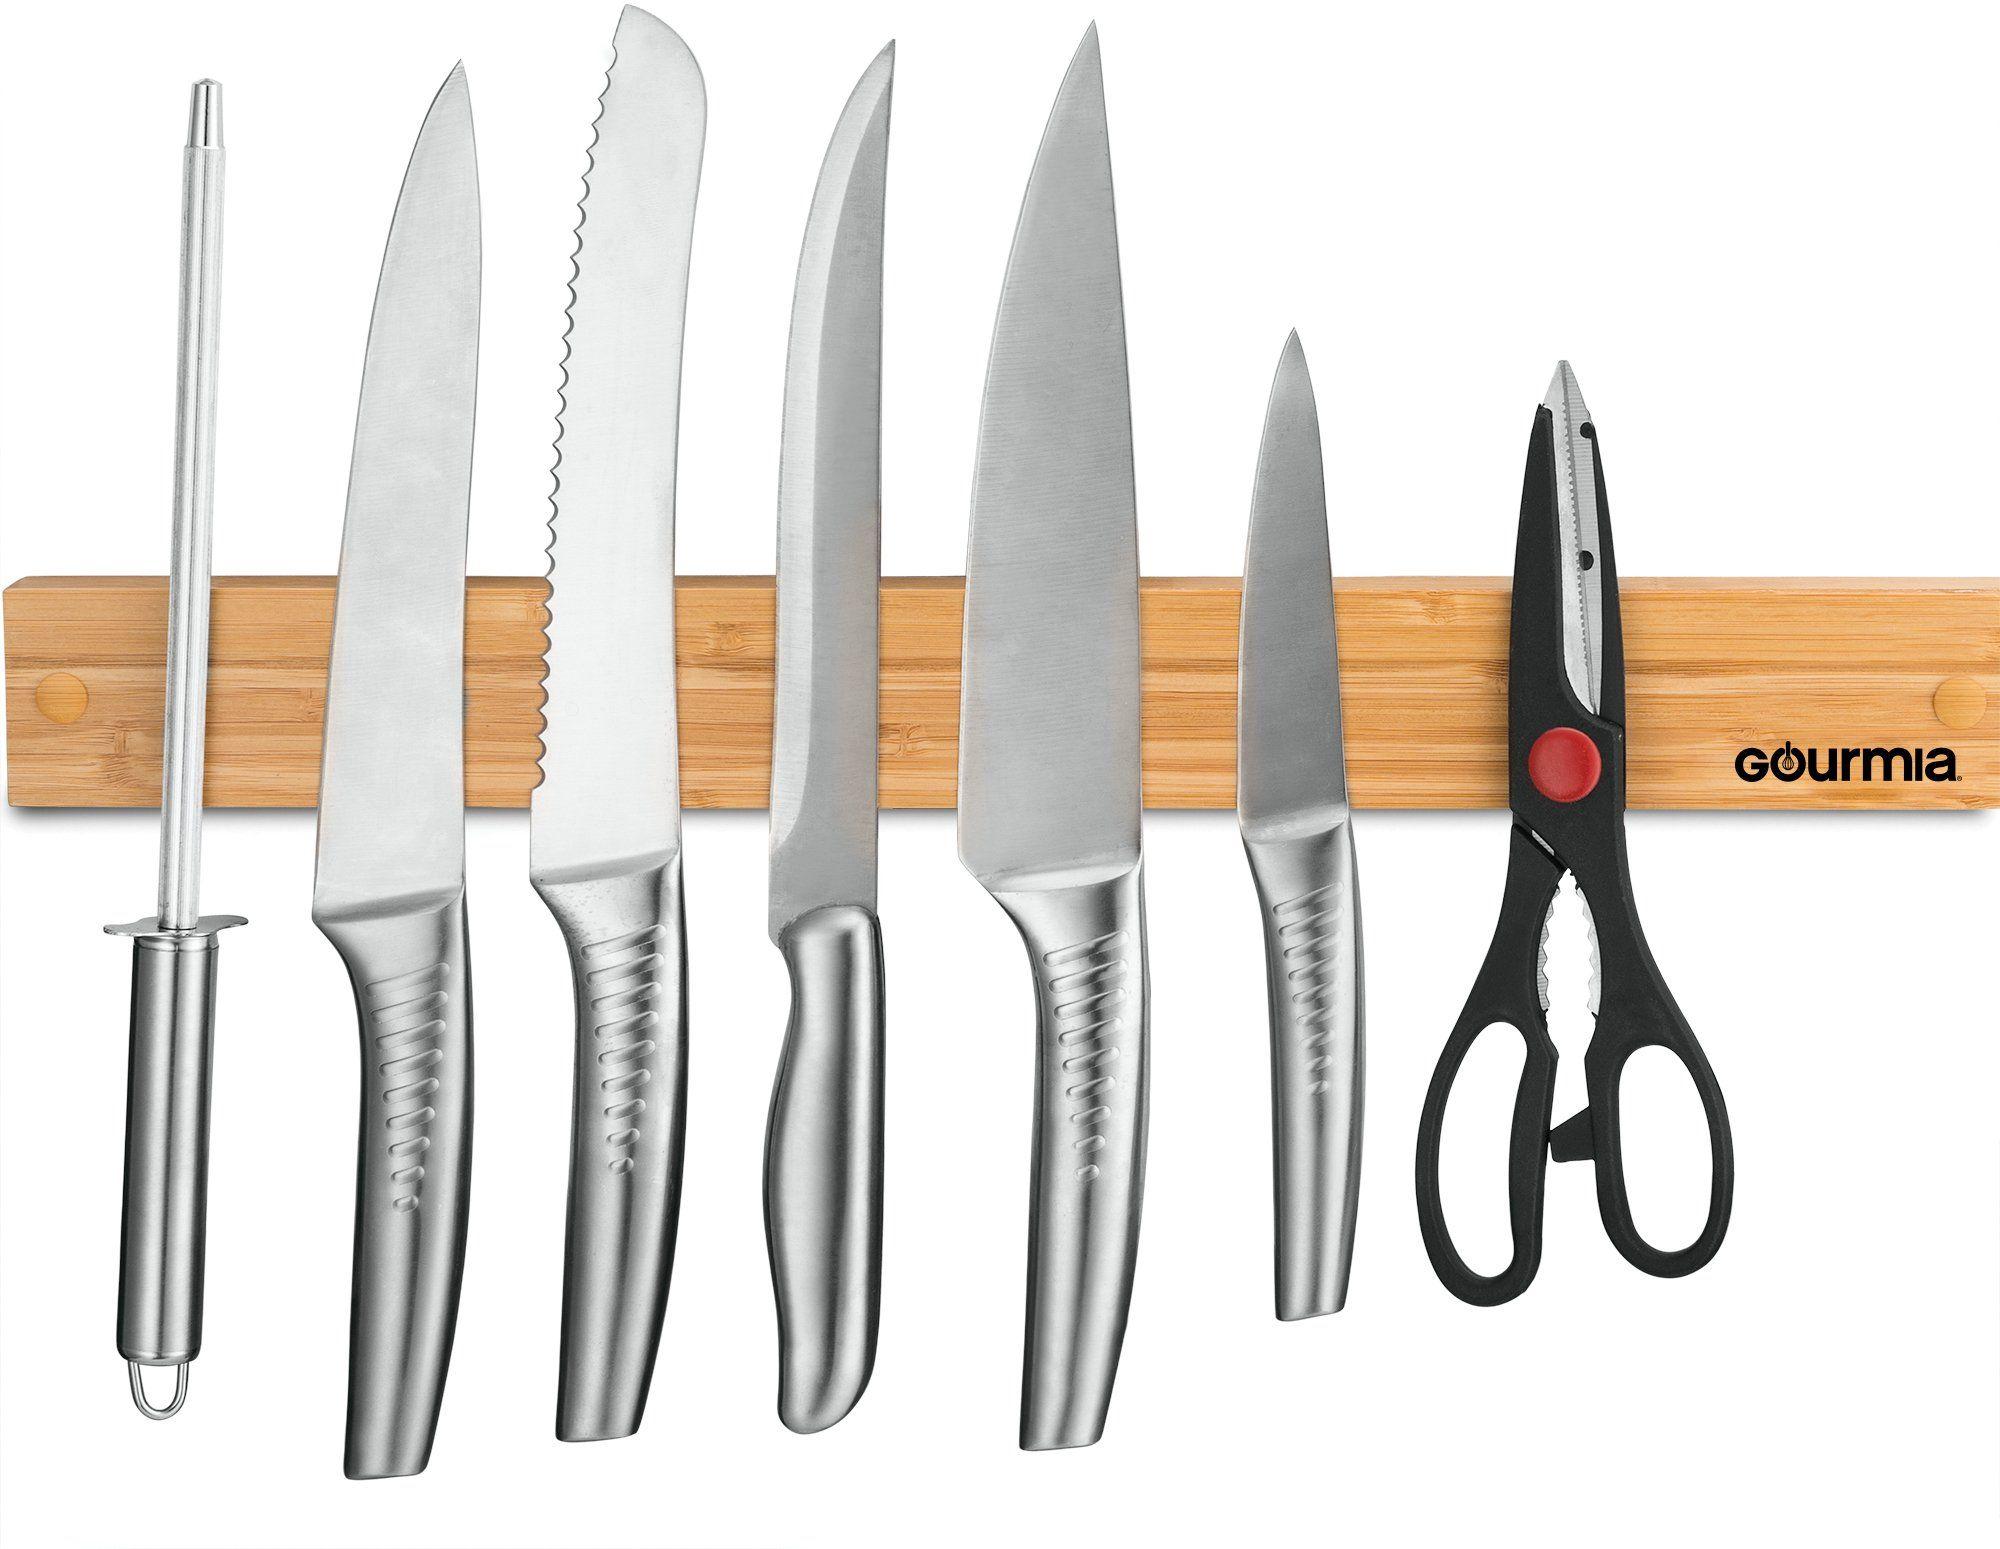 Gourmia GMK9920 Knife Holder – Strong Bamboo